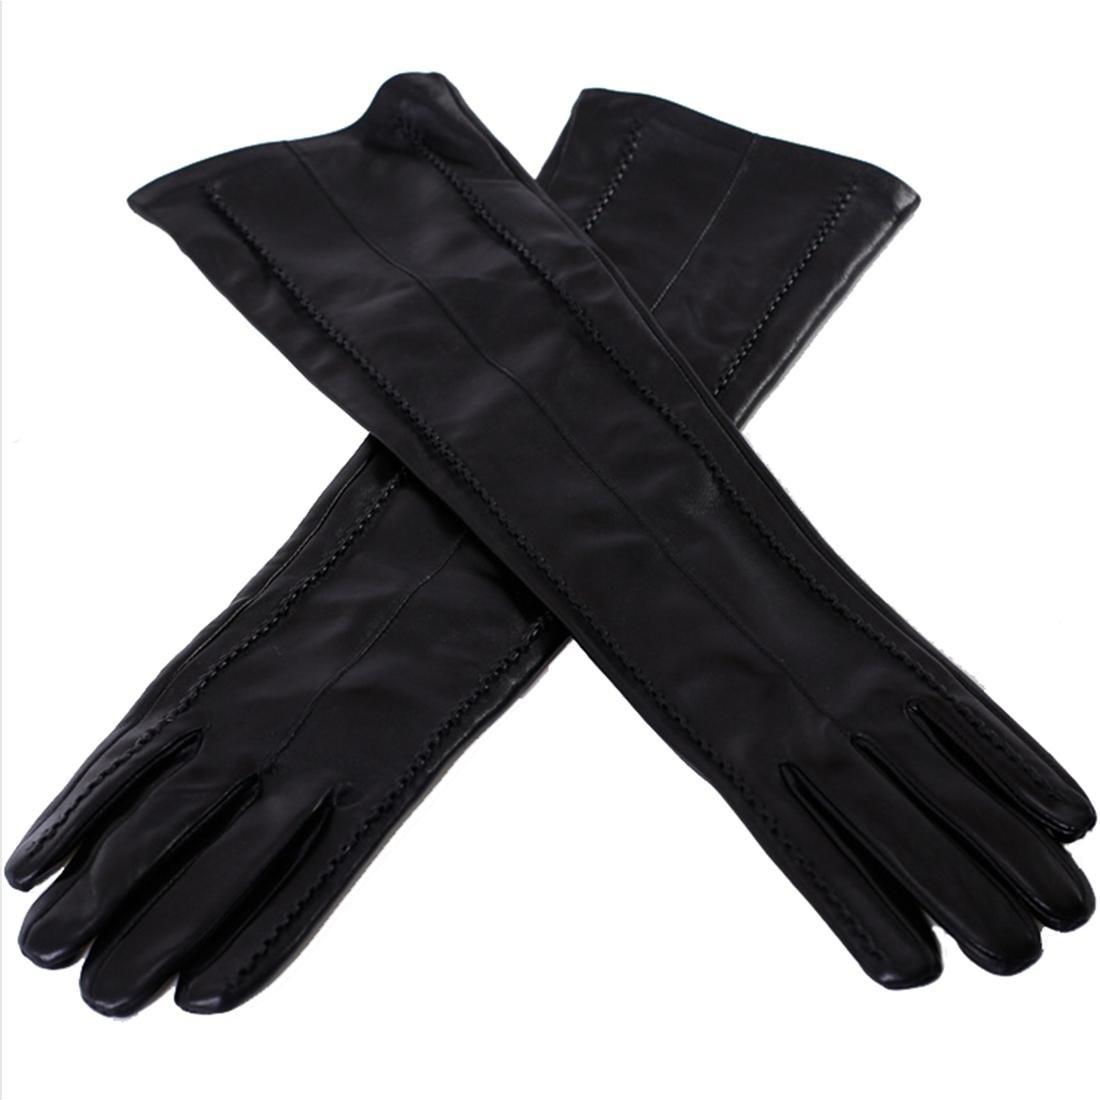 Lady Long Guanti Autunno e inverno caldo più guanti di cuoio in cashmere Nero , xl